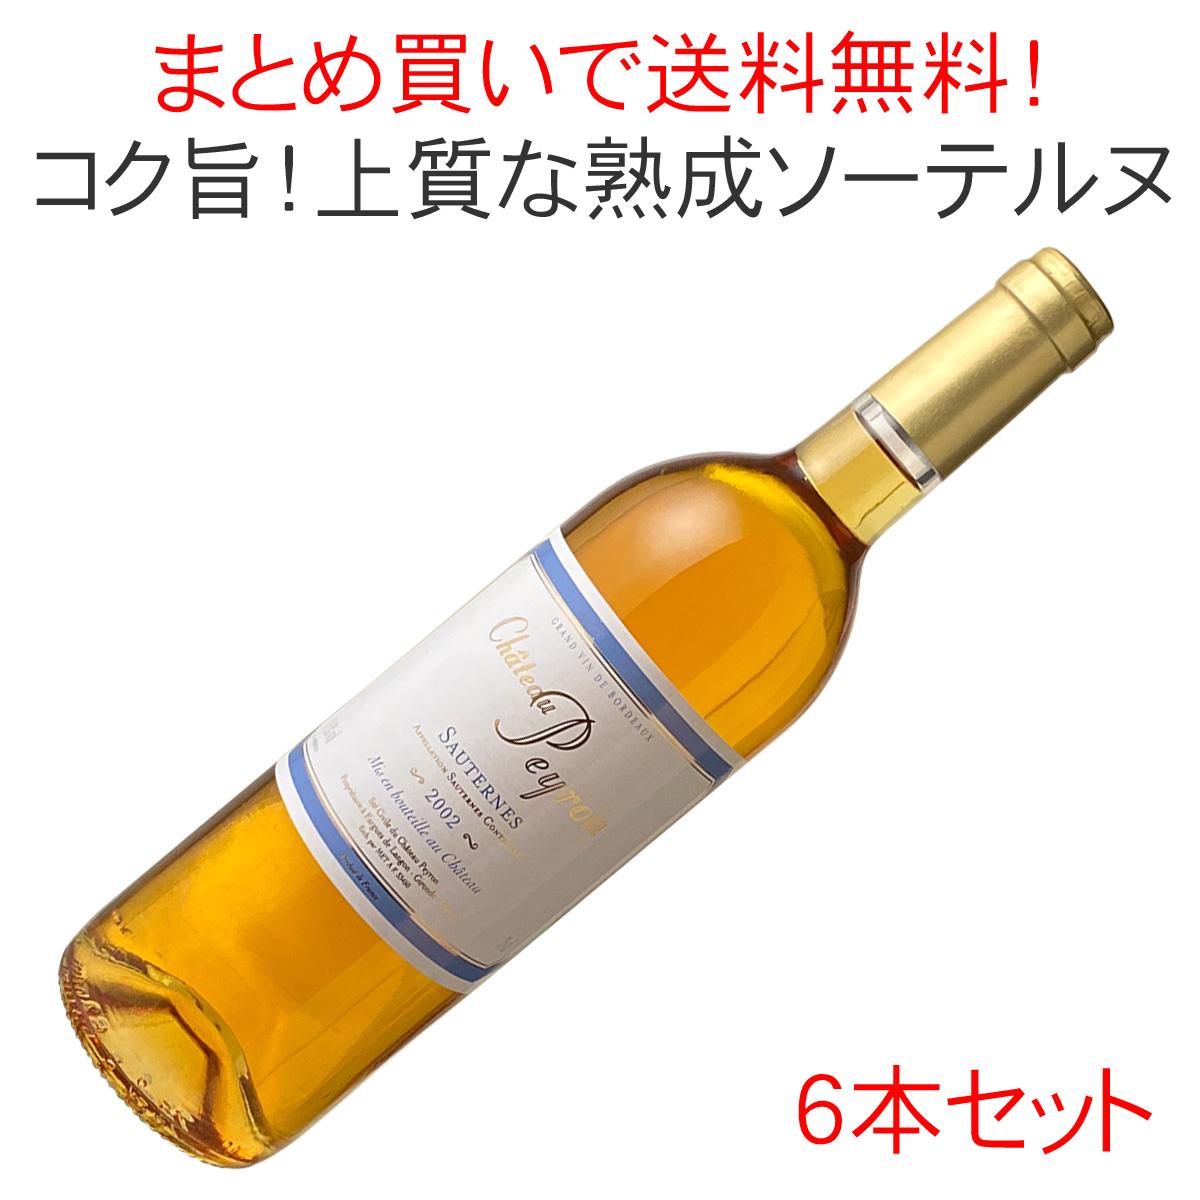 【送料無料】シャトー・ペイロン [2002] 1ケース6本セット <白> <ワイン/ボルドー>